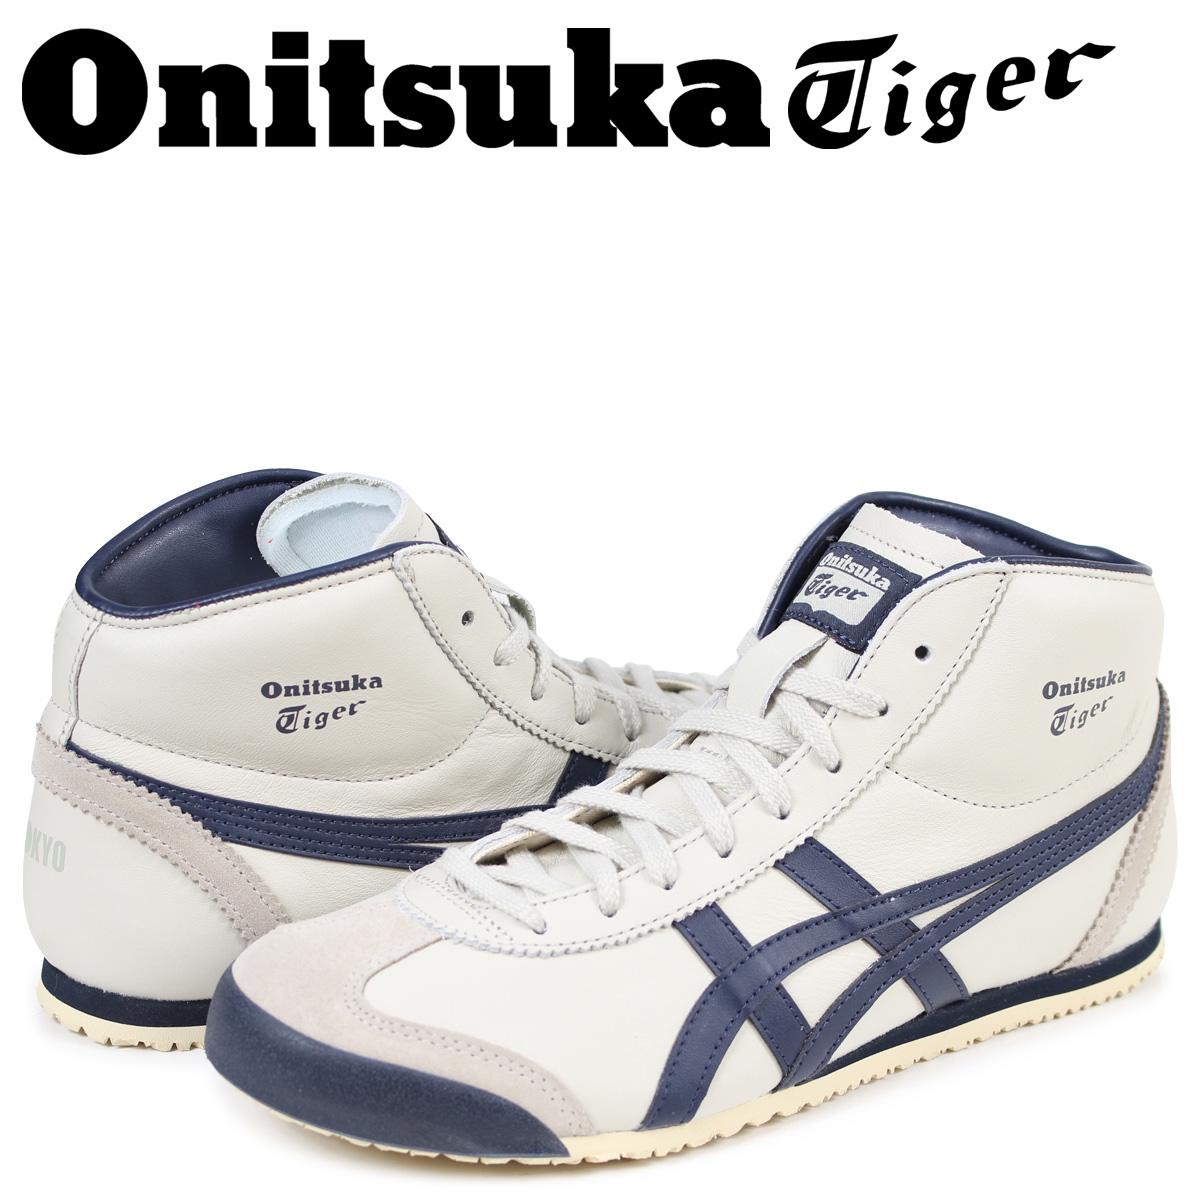 オニツカタイガー Onitsuka Tiger メキシコ スニーカー ミッド ランナー MEXICO MID RUNNER メンズ DL328-1659 THL328-1659 ホワイト [4/23 再入荷]